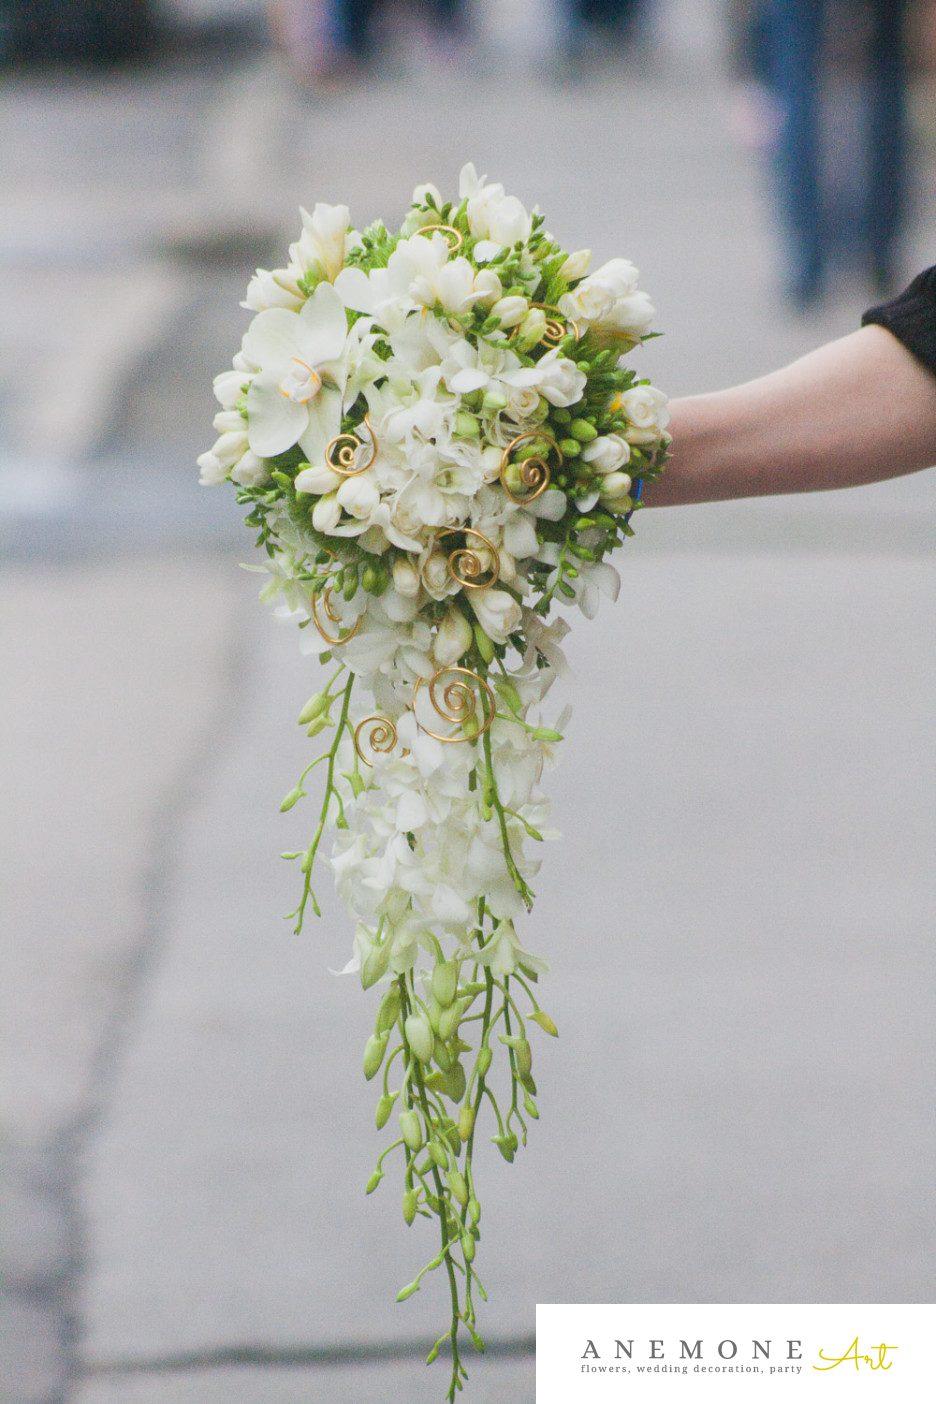 Poza, foto cu Flori de nunta alb, buchet mireasa, crem, frezii, orhidee in Arad, Timisoara, Oradea (wedding flowers, bouquets) nunta Arad, Timisoara, Oradea